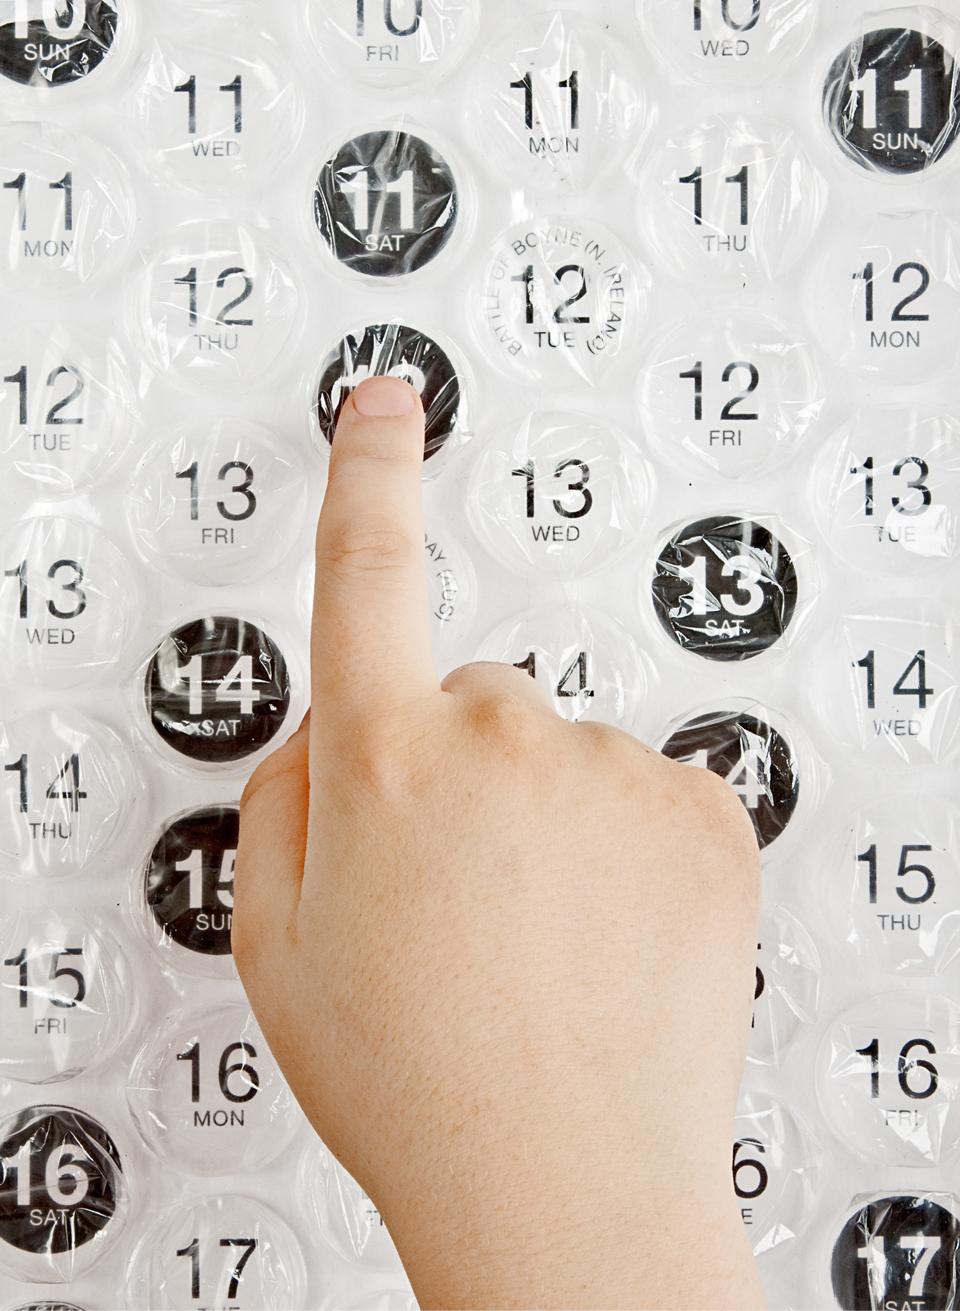 awesome-design-ideas-bubble-calendar-2013-2